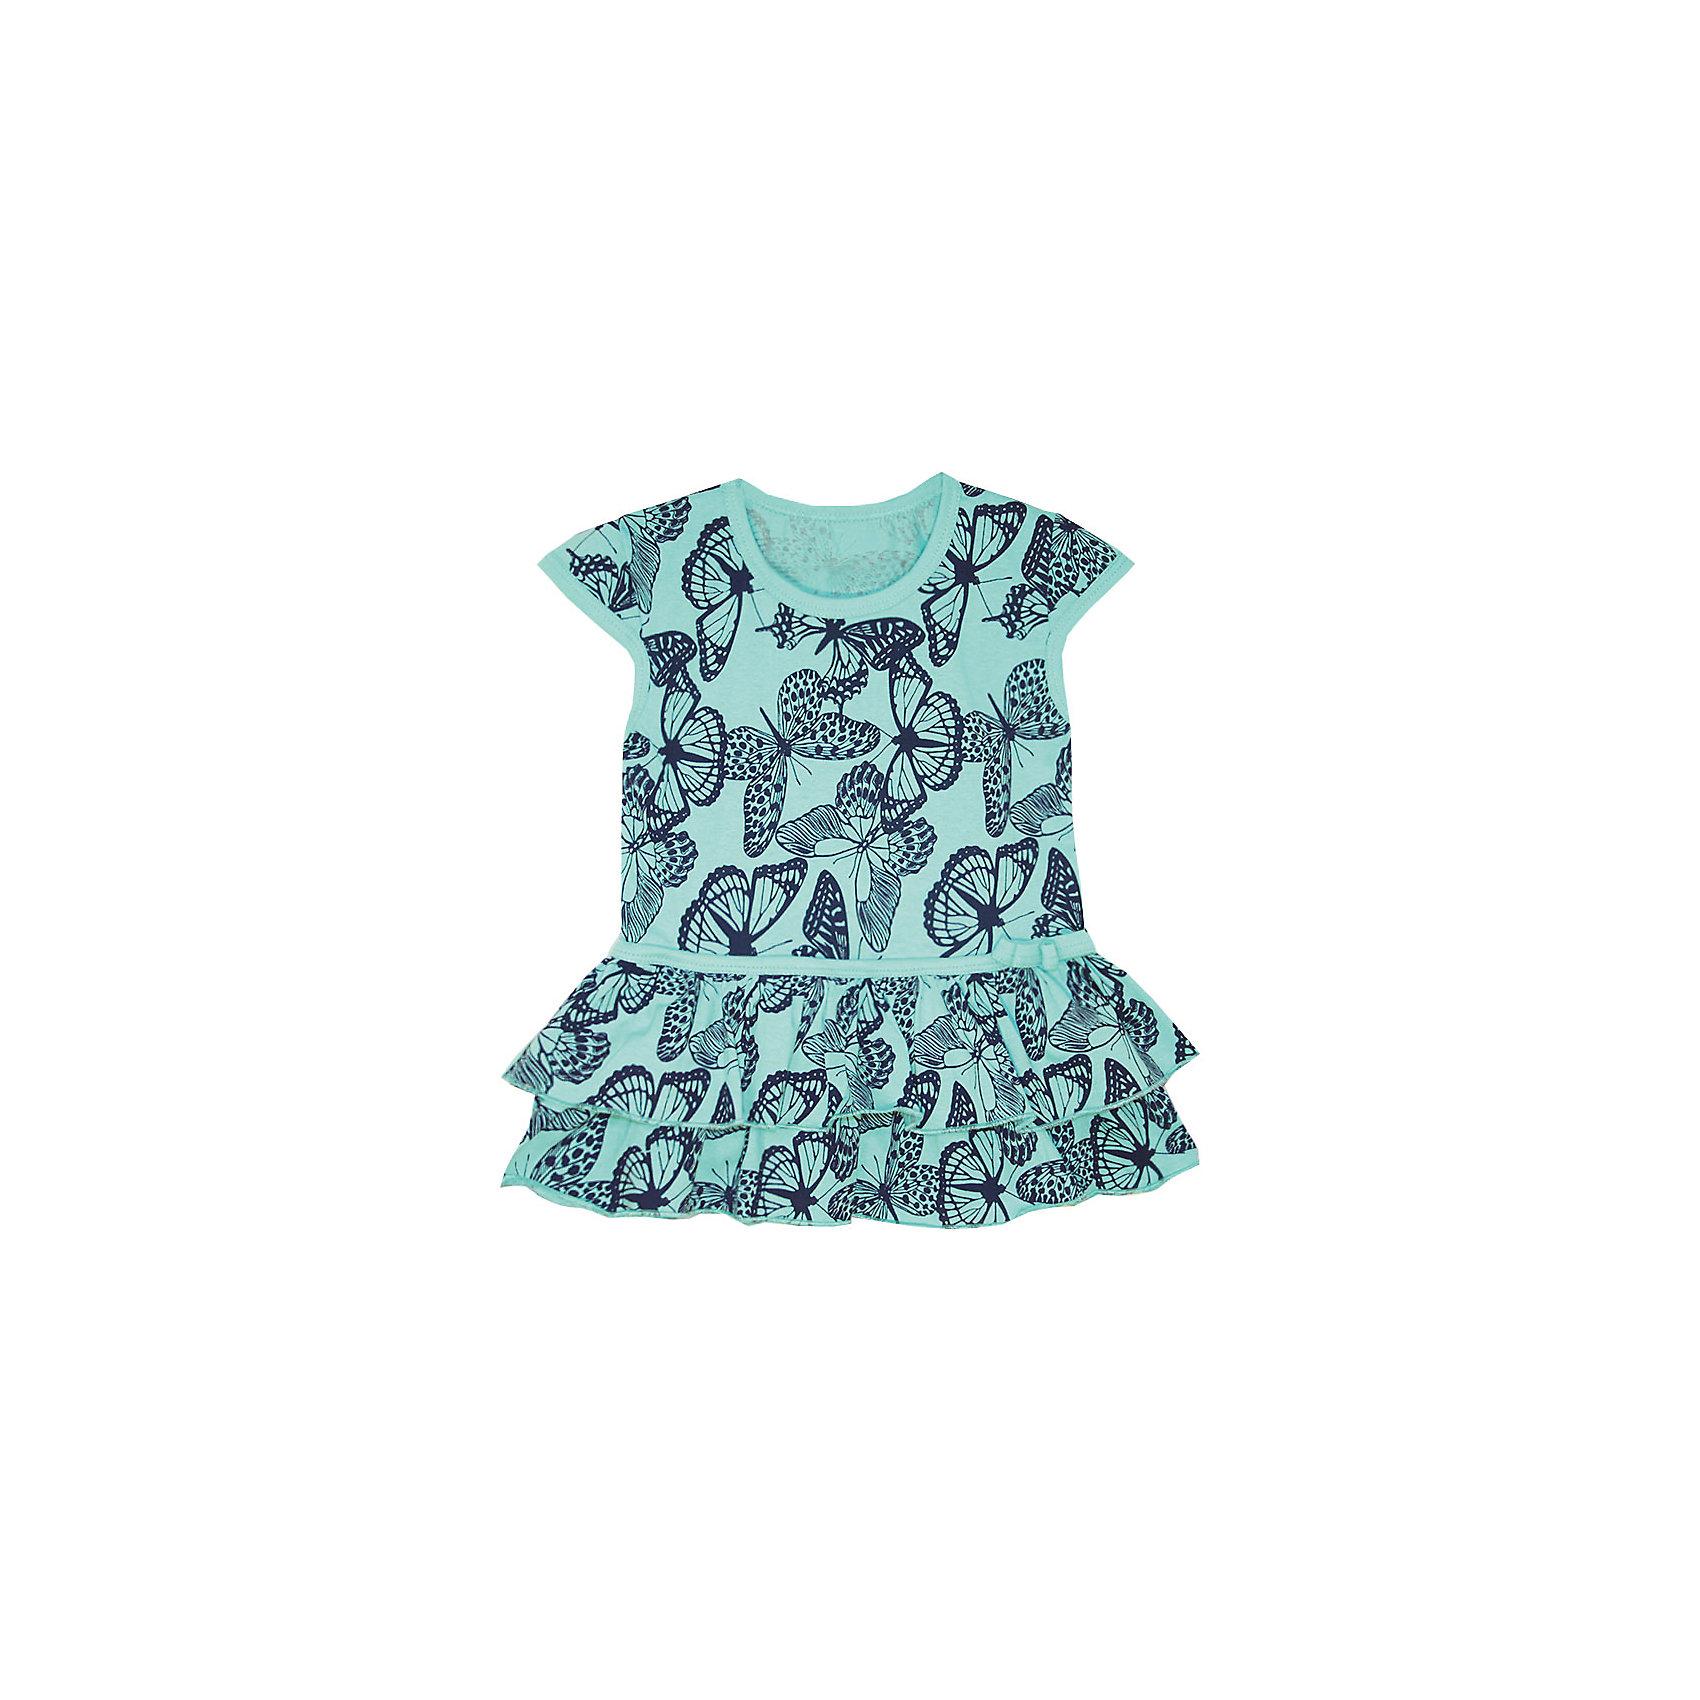 Платье для девочки KotMarKotПлатья и сарафаны<br>Платье для девочки KotMarKot<br>Состав:<br>100% хлопок<br><br>Ширина мм: 236<br>Глубина мм: 16<br>Высота мм: 184<br>Вес г: 177<br>Цвет: зеленый<br>Возраст от месяцев: 72<br>Возраст до месяцев: 84<br>Пол: Женский<br>Возраст: Детский<br>Размер: 92,98,104,110,116,122<br>SKU: 6755147